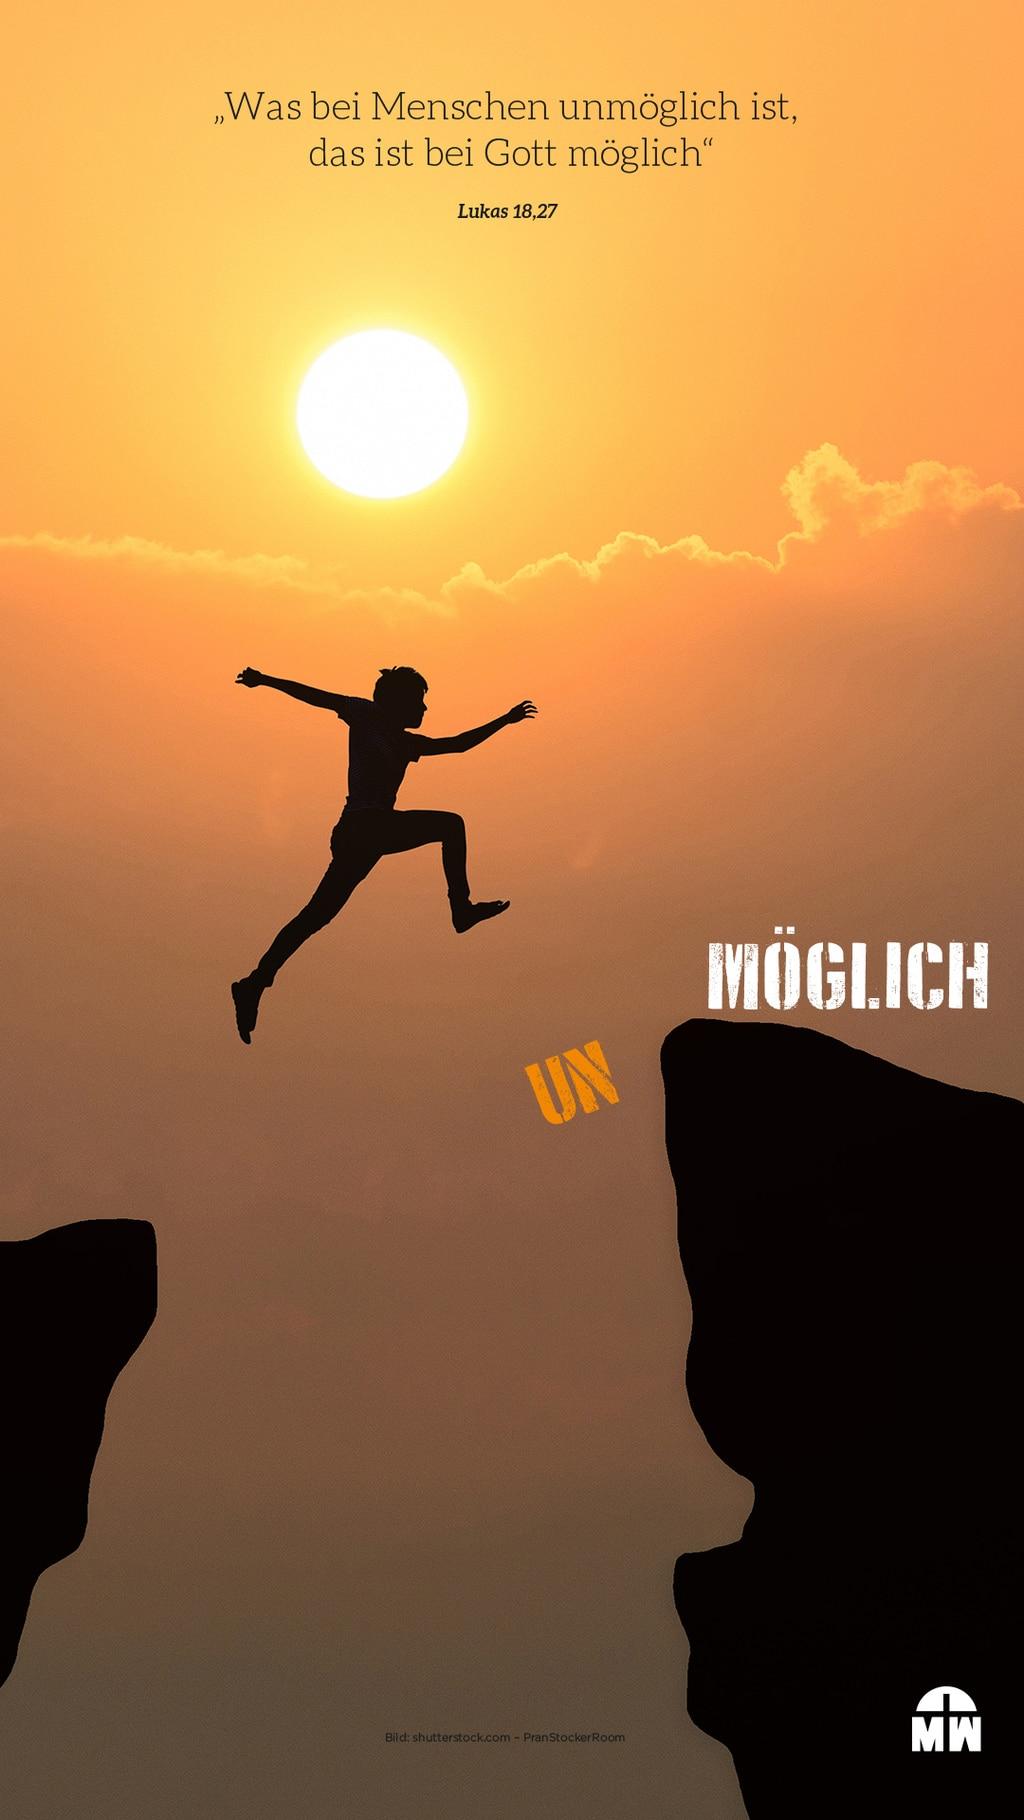 (UN)MÖGLICH - Hintergrundbild fürs Handy mit Vers